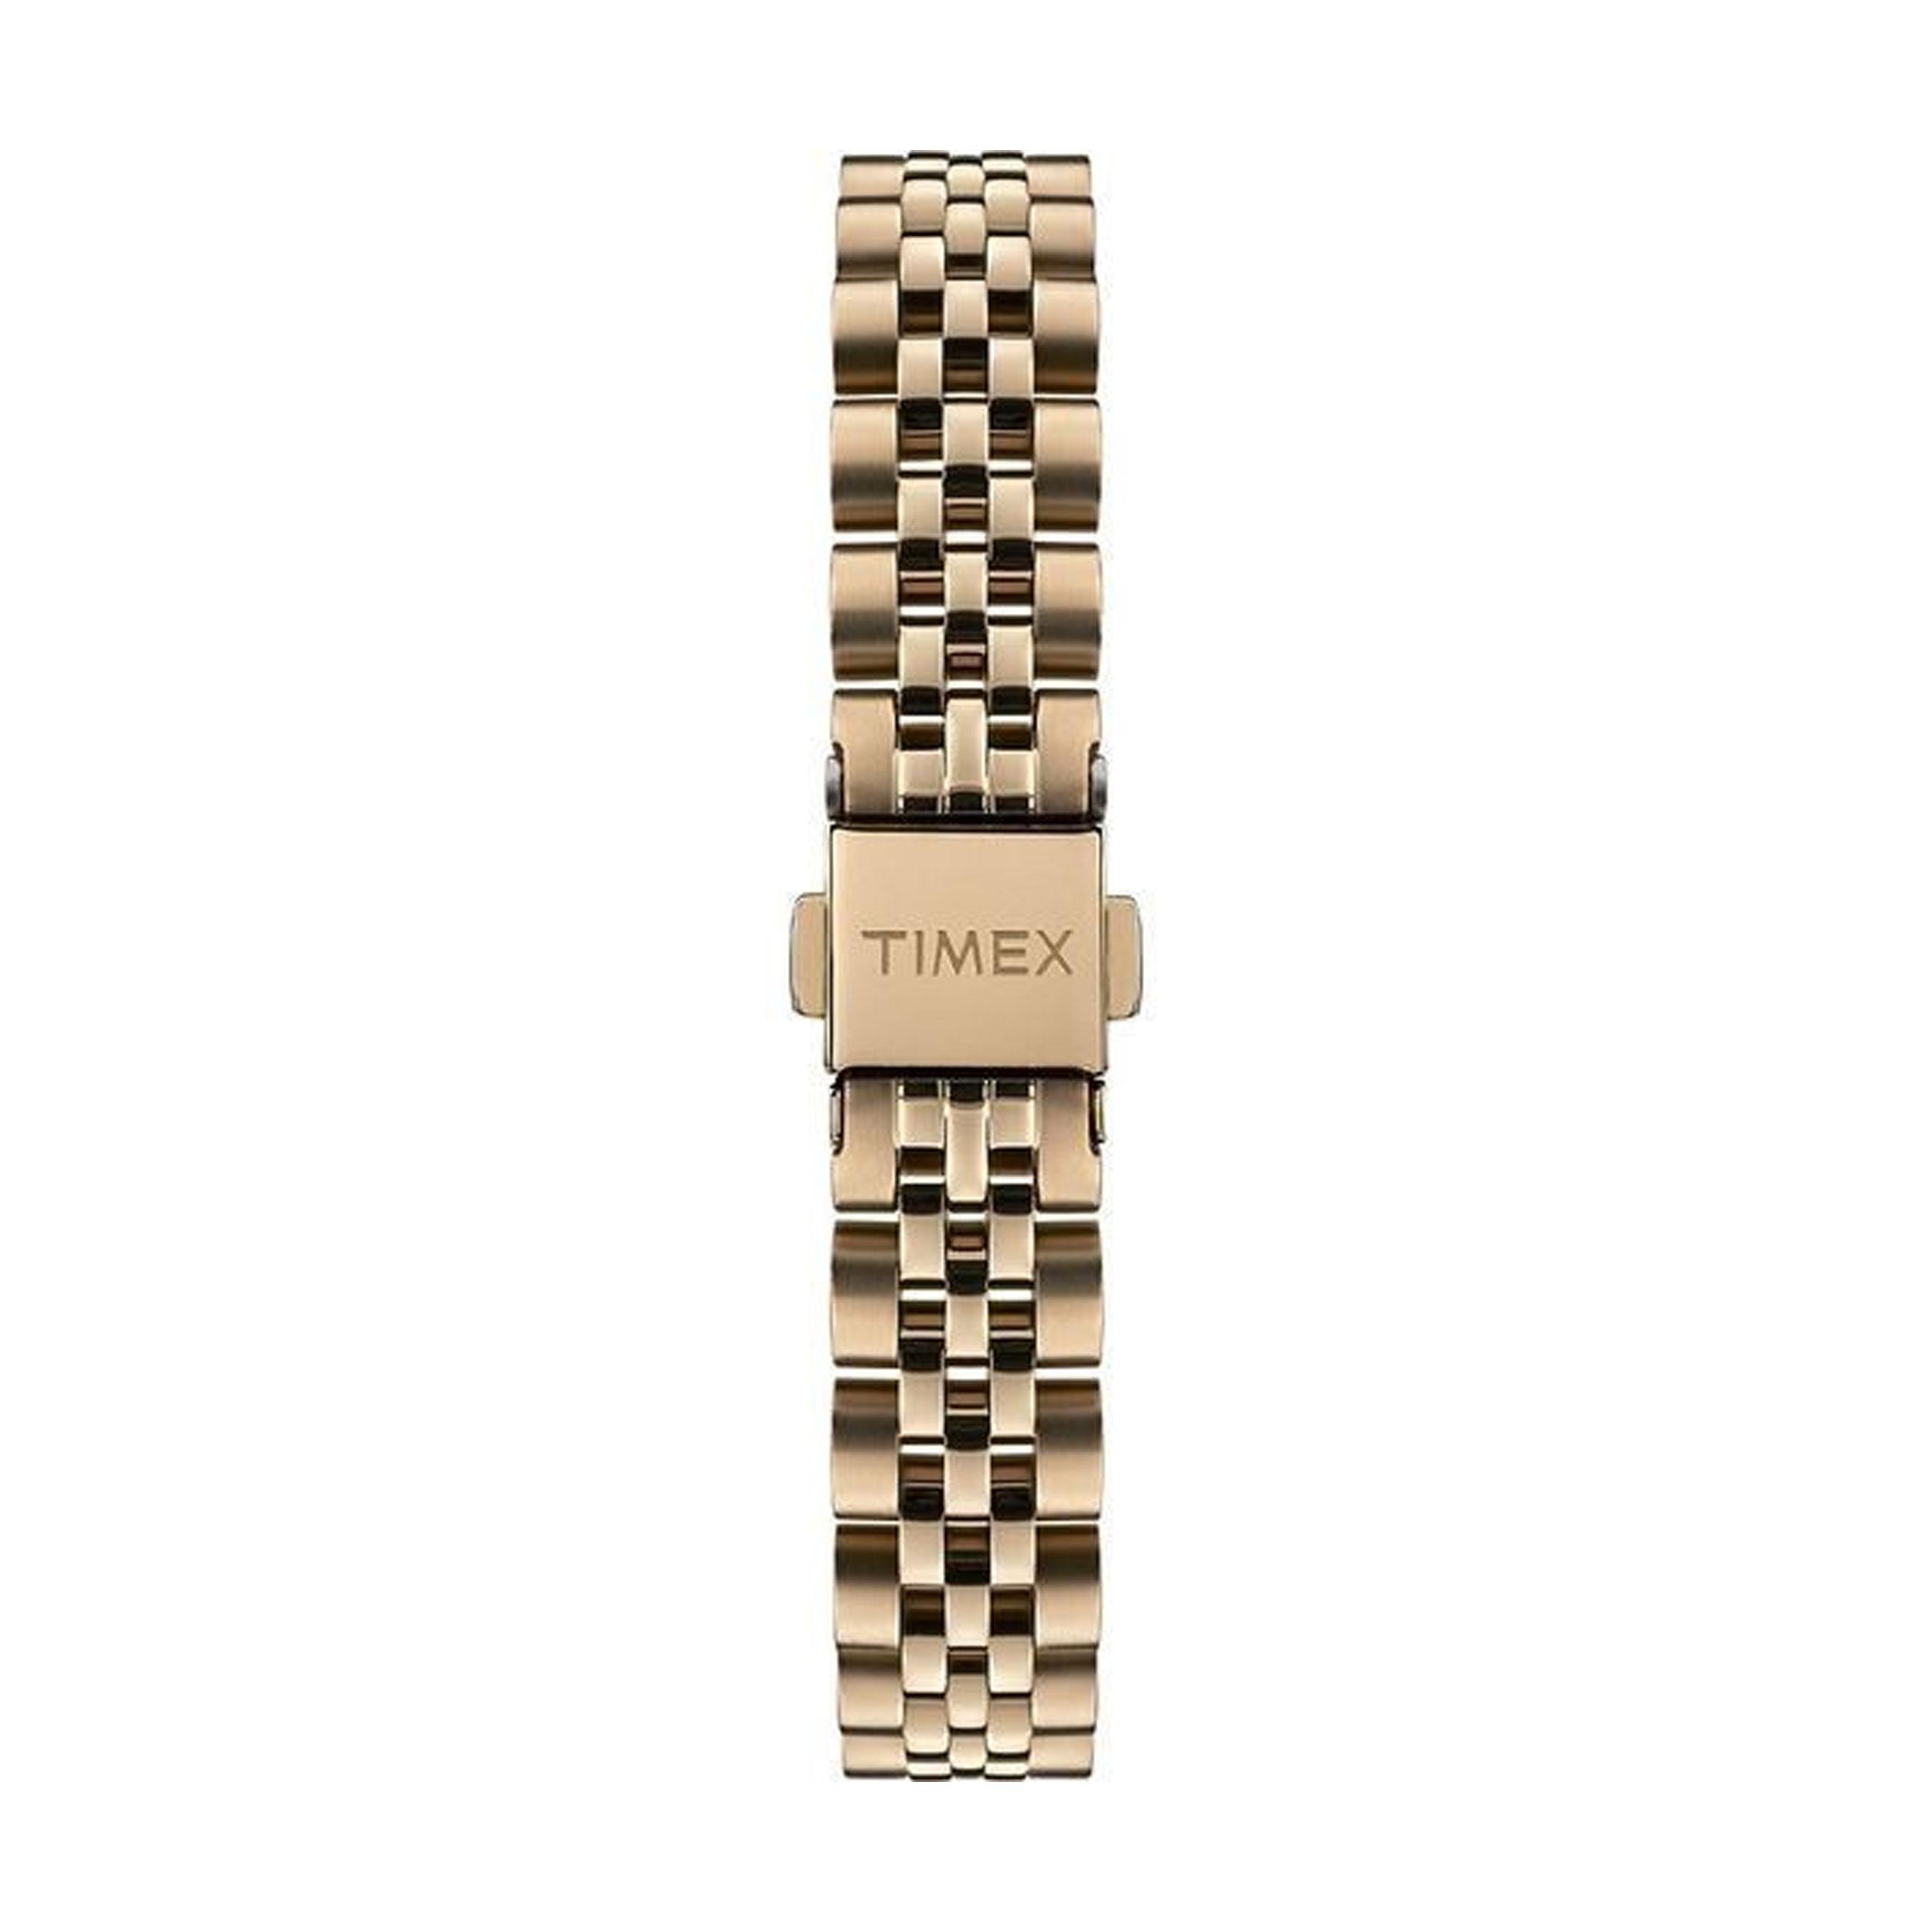 ساعت مچی عقربه ای زنانه تایمکس مدل TW2T88700 -  - 3